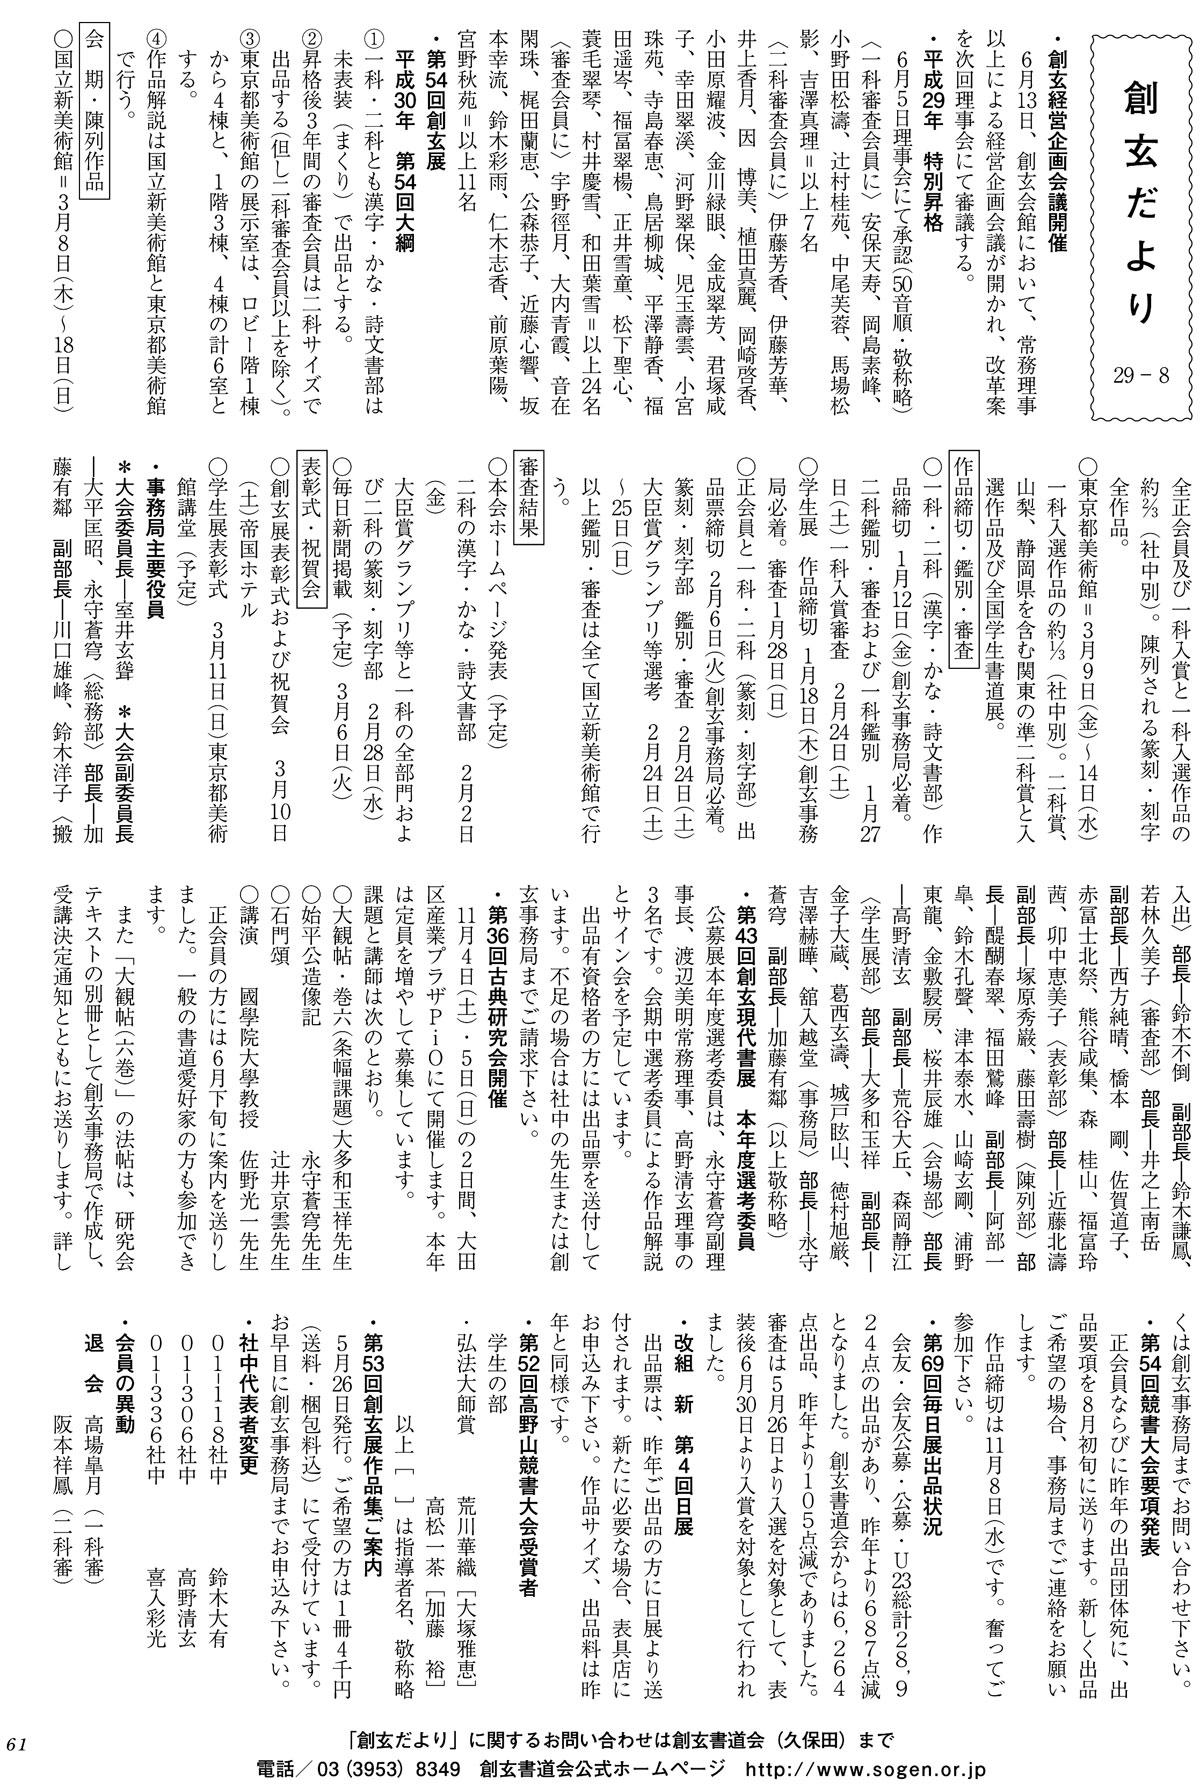 http://www.sogen.or.jp/letter/2017/07/10/560%E5%89%B5%E7%8E%84%E3%81%9F%E3%82%99%E3%82%88%E3%82%8A3.jpg